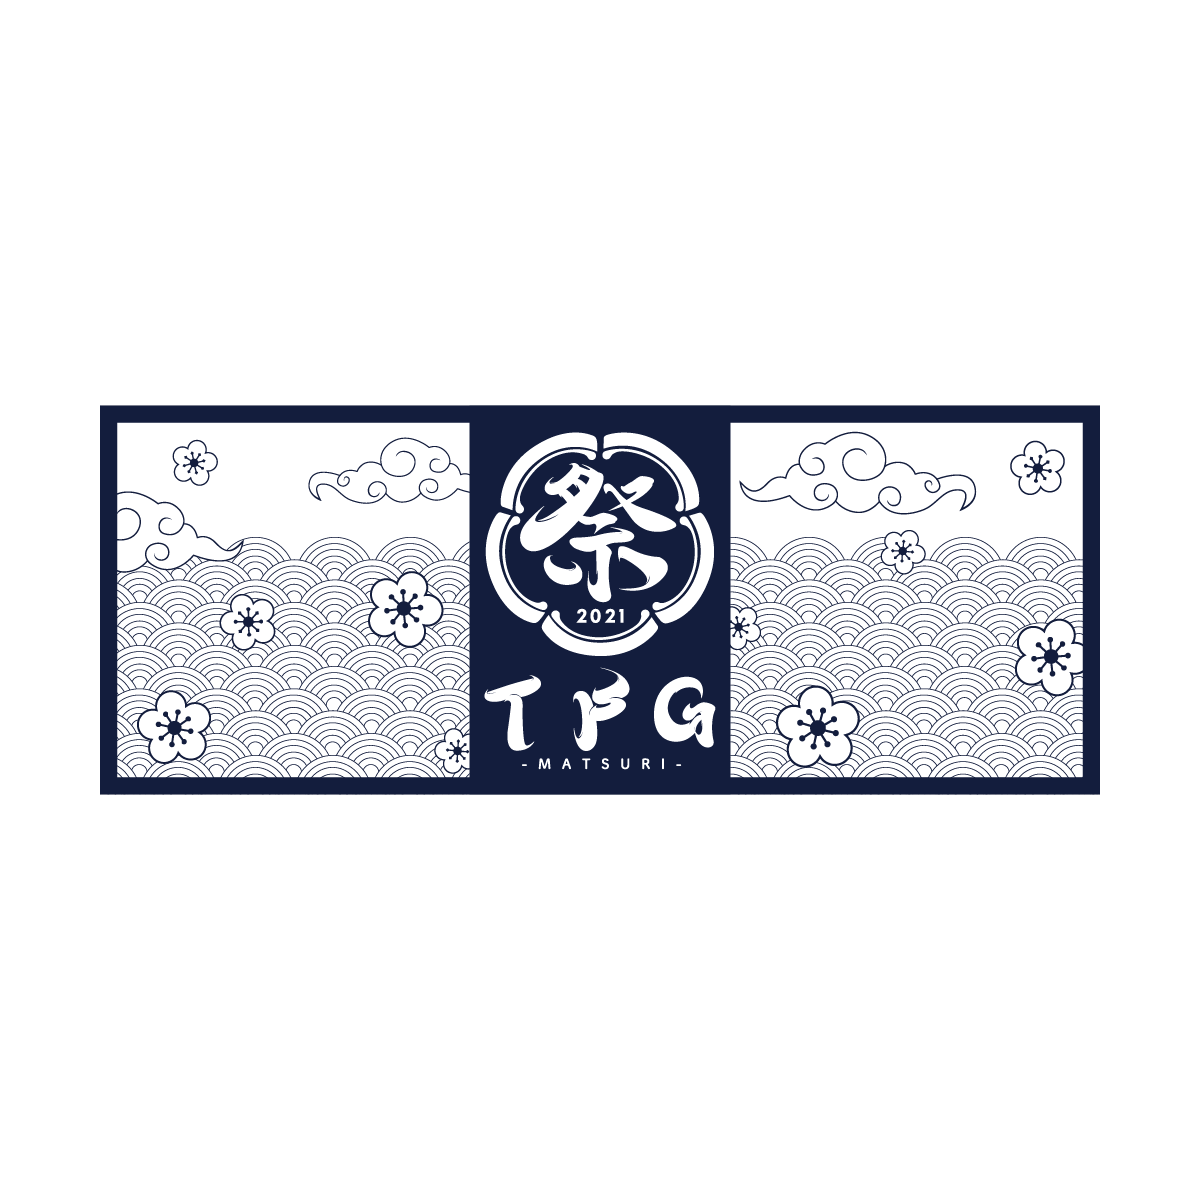 ▼予約▼【11/2夜公演・お見送り参加券付】おまとめセット